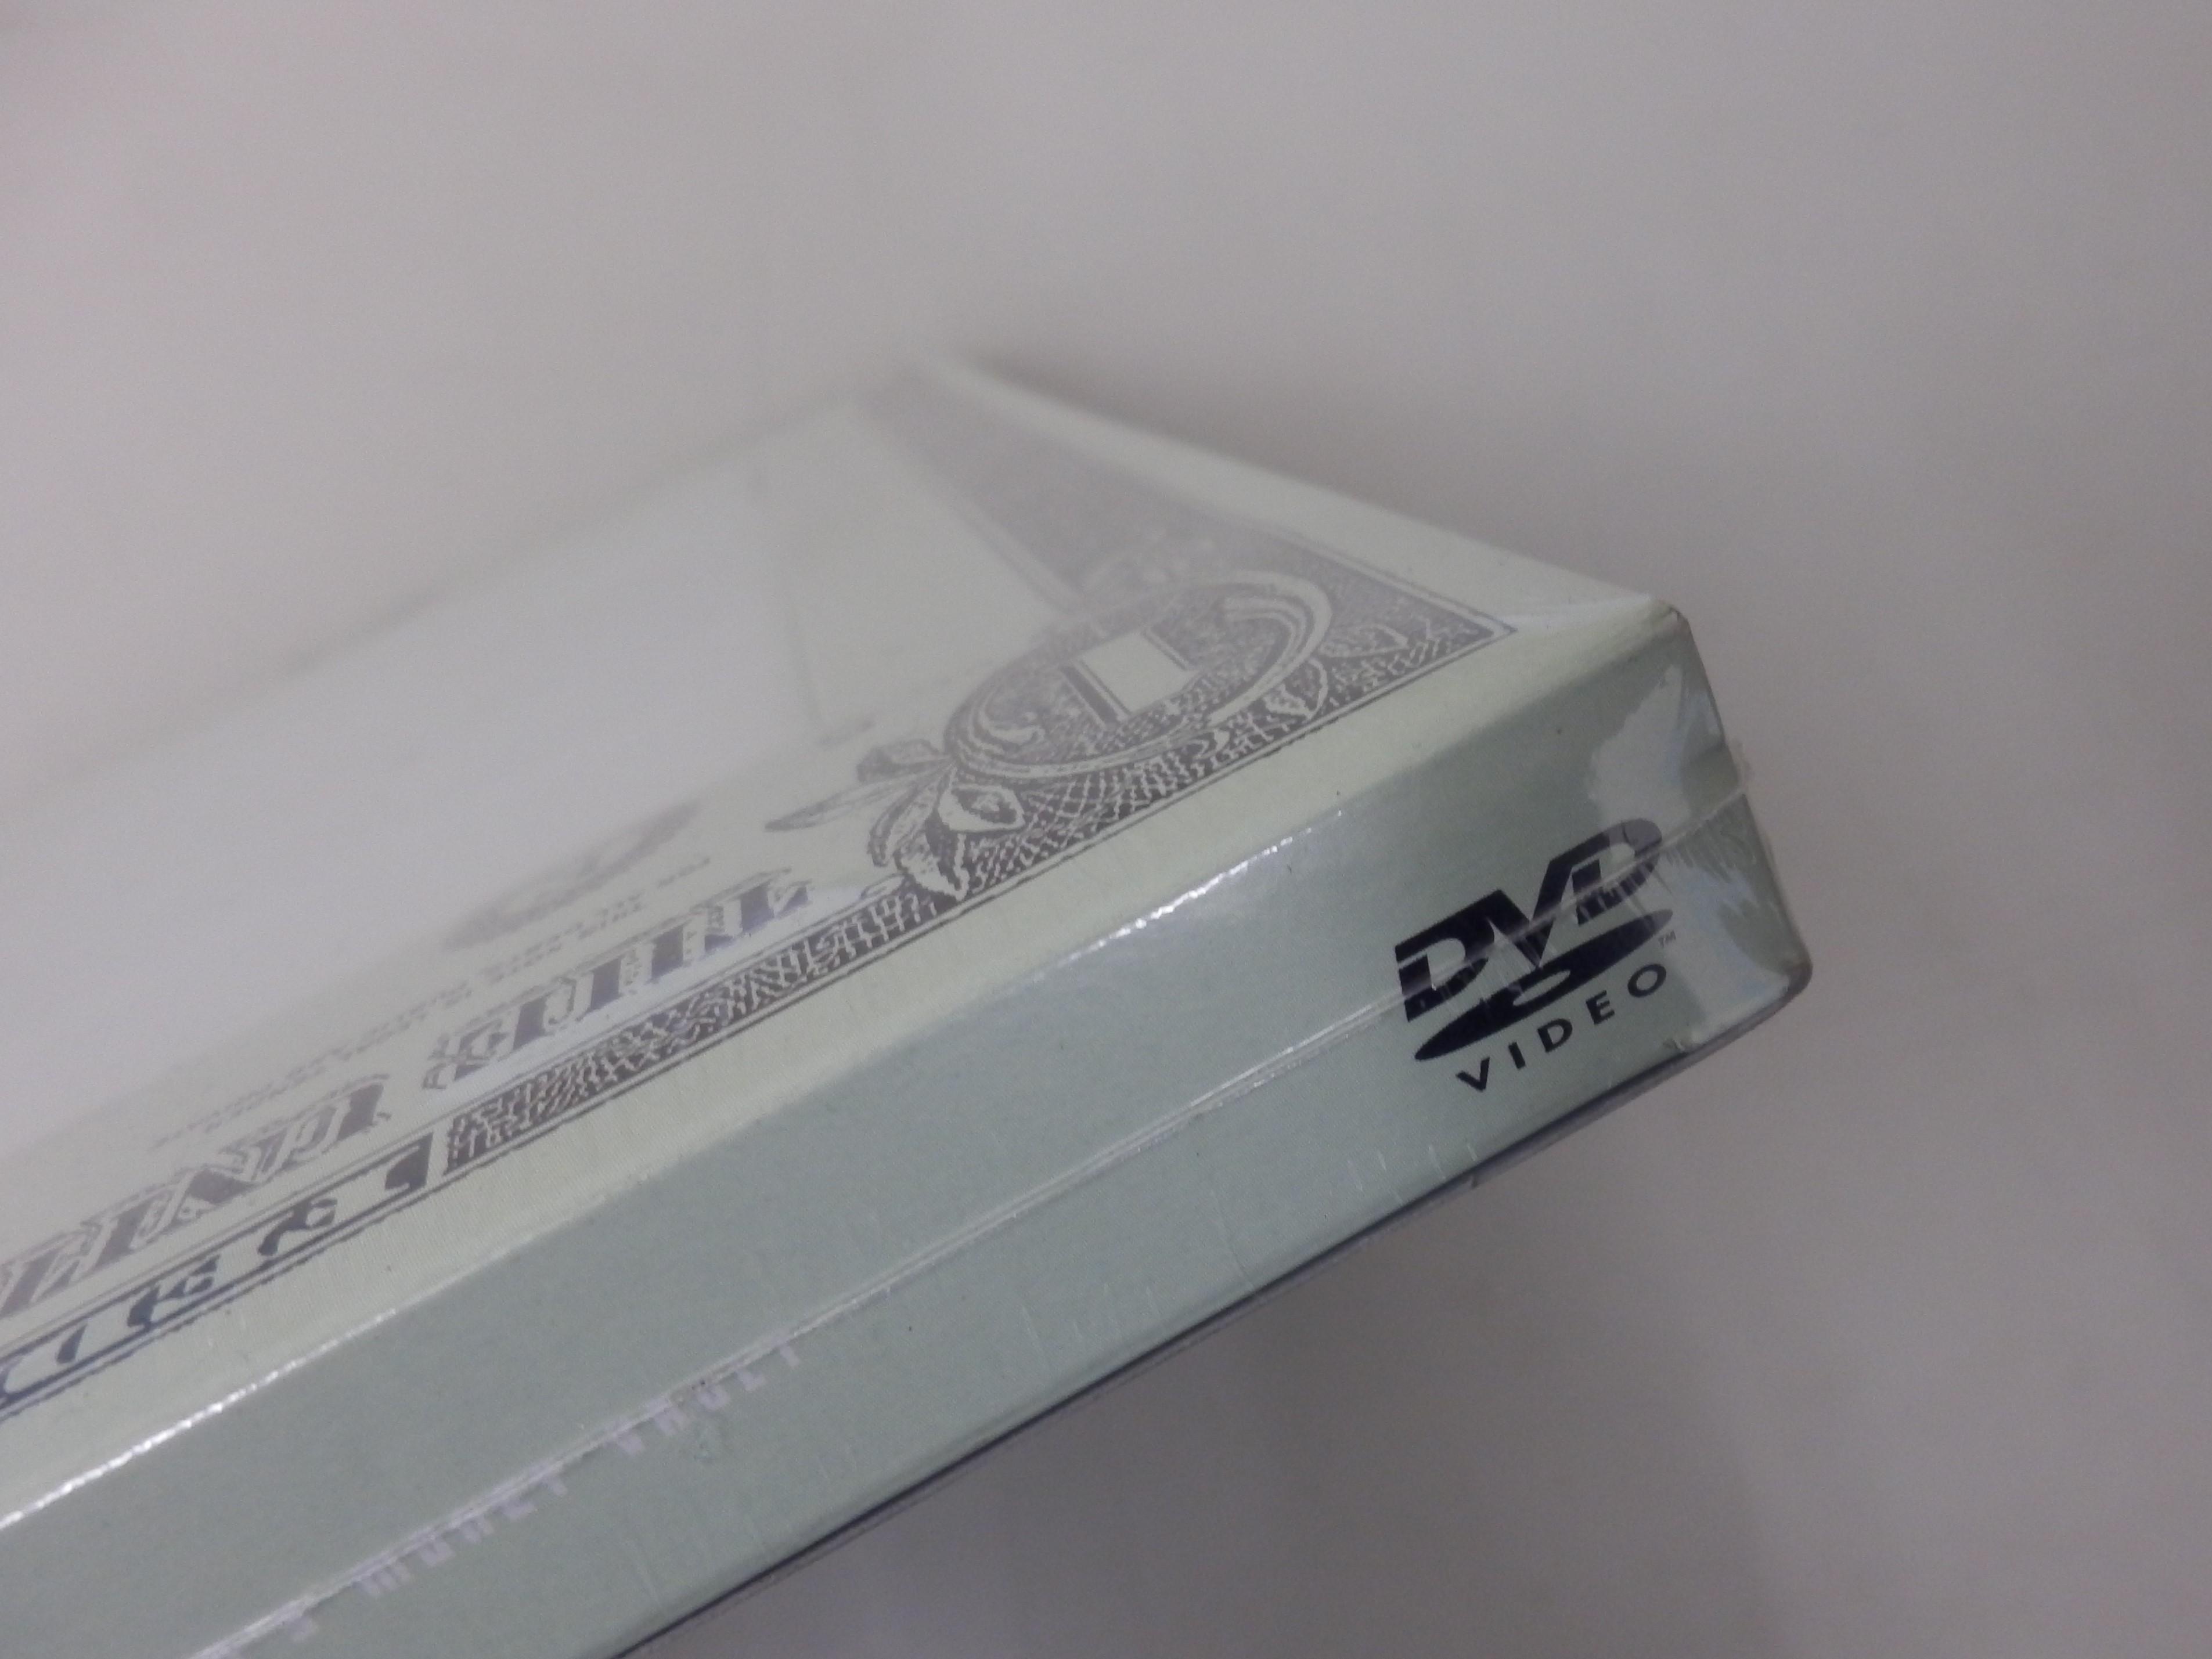 シュリンク包装されたA4サイズの箱枠